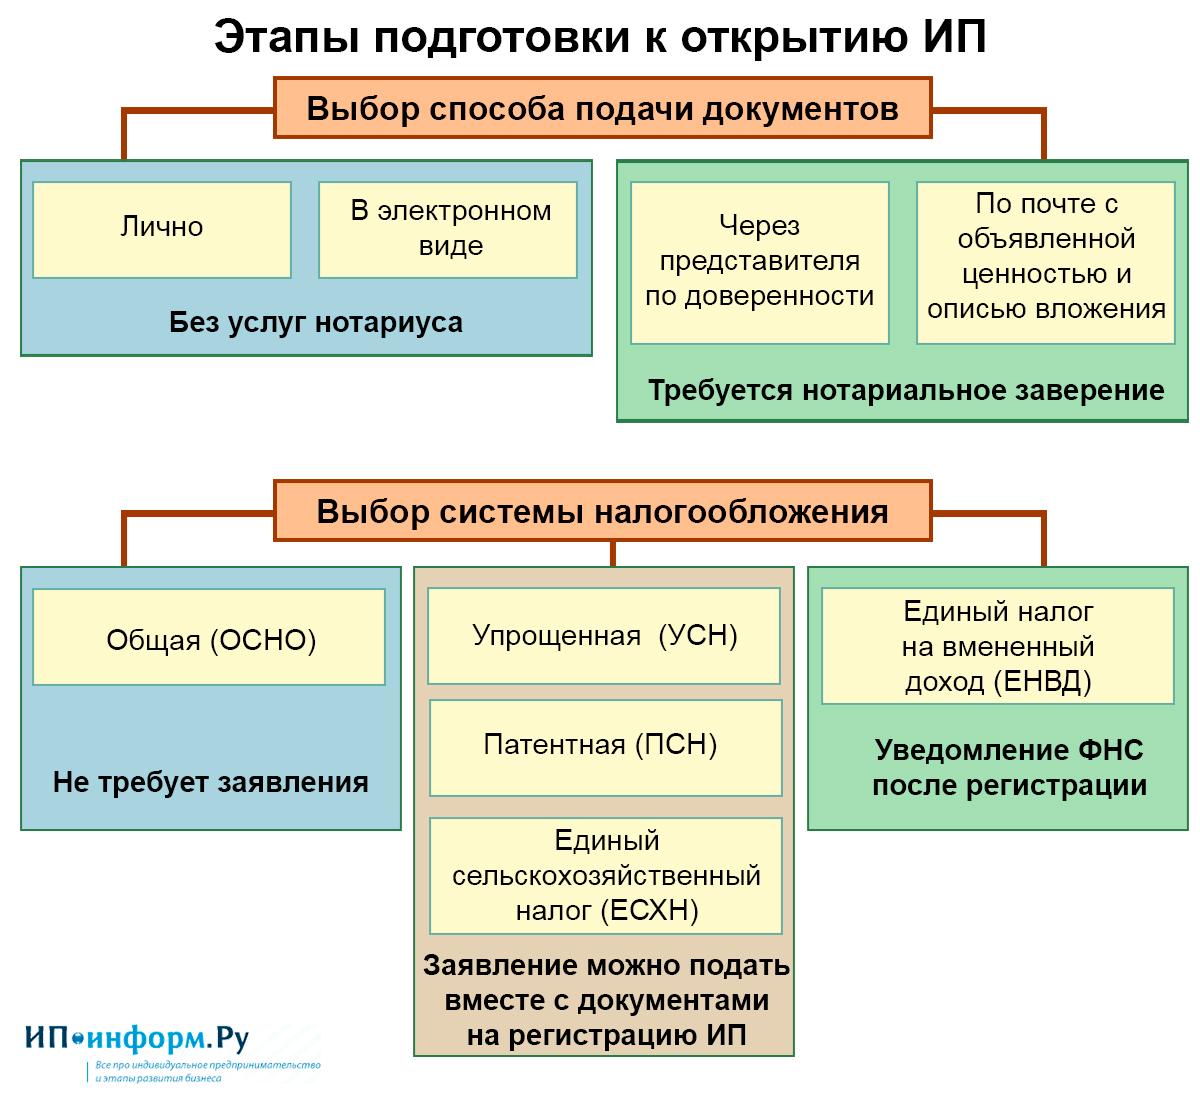 Претензия по договору поставки некачественного товара